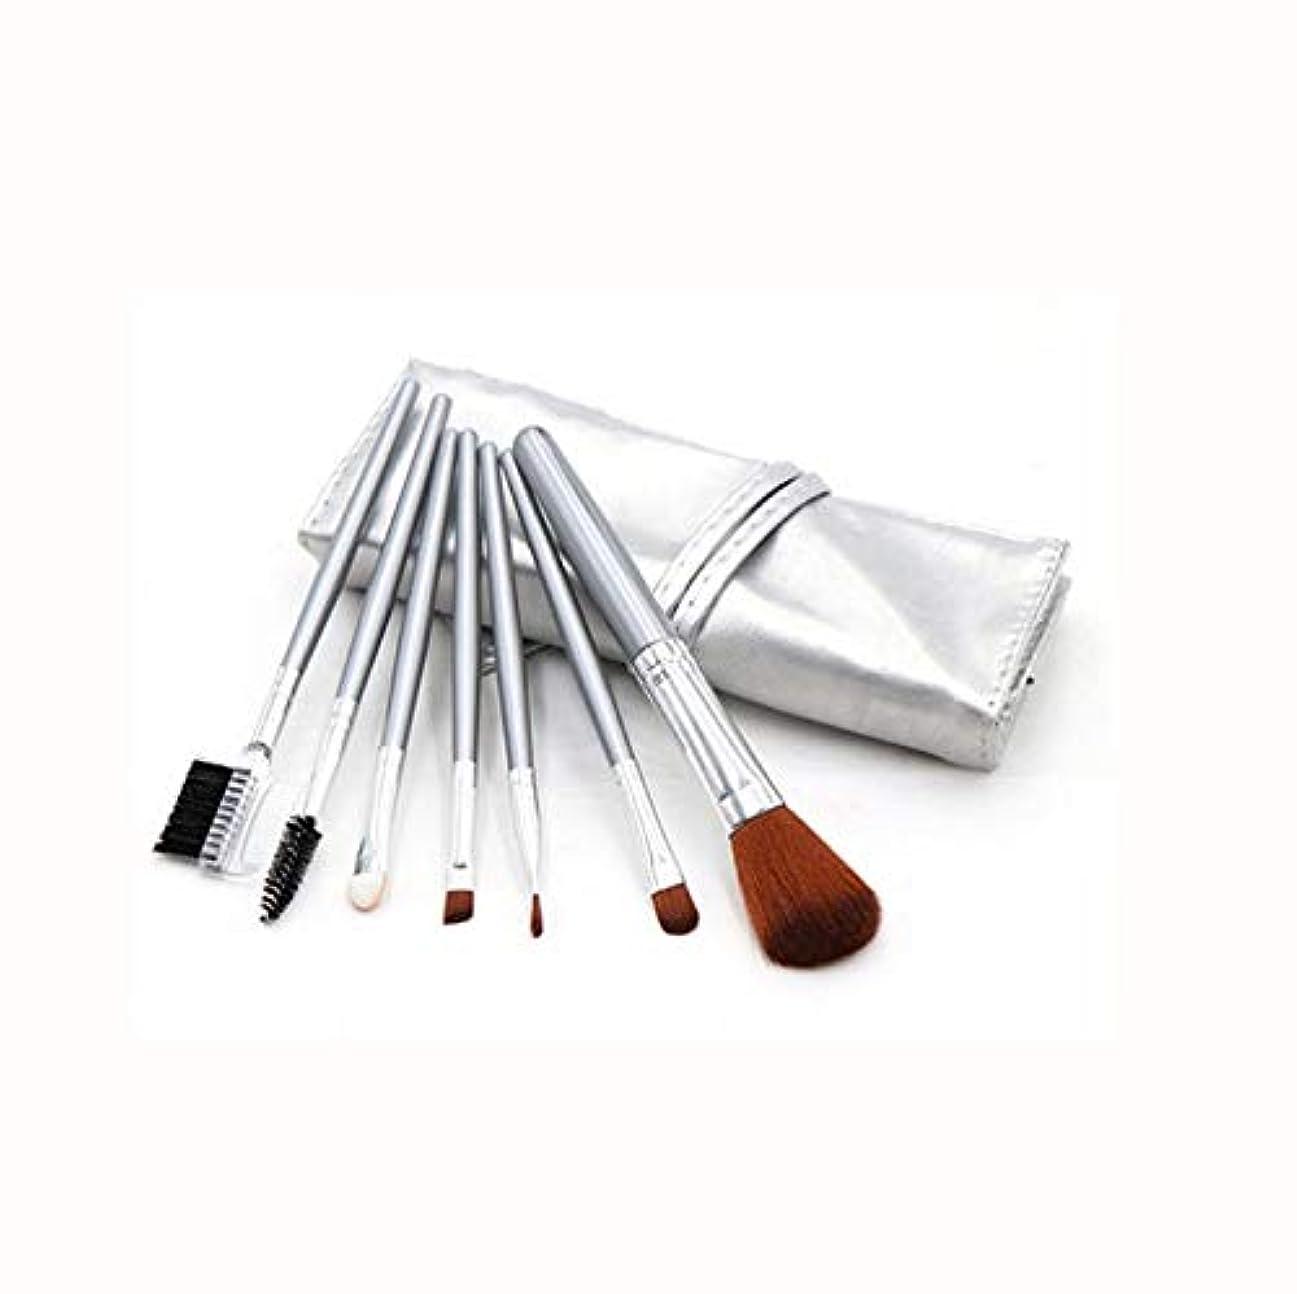 オリエントハシー球状化粧ブラシセット、シルバー7化粧ブラシ化粧ブラシセットアイシャドウブラシリップブラシ美容化粧道具